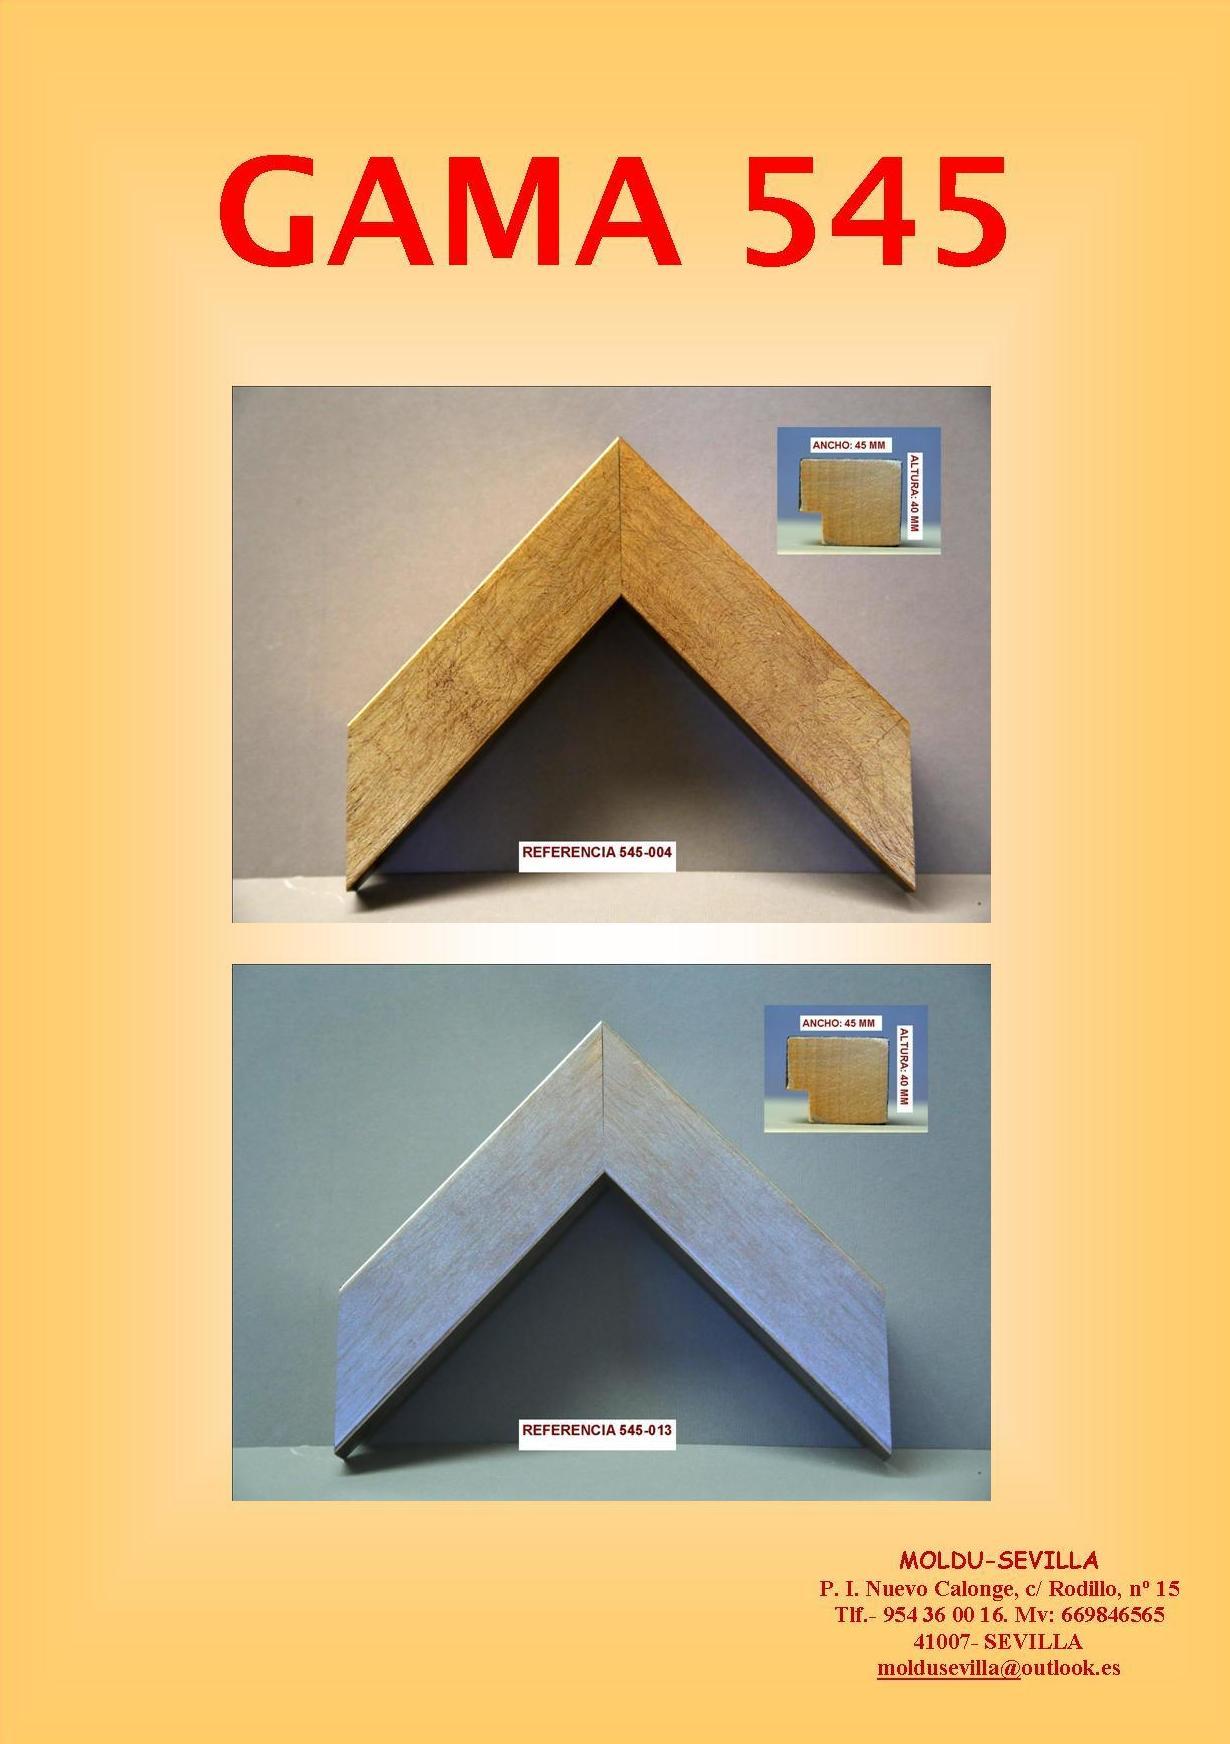 GAMA 545: Muestrario de Moldusevilla